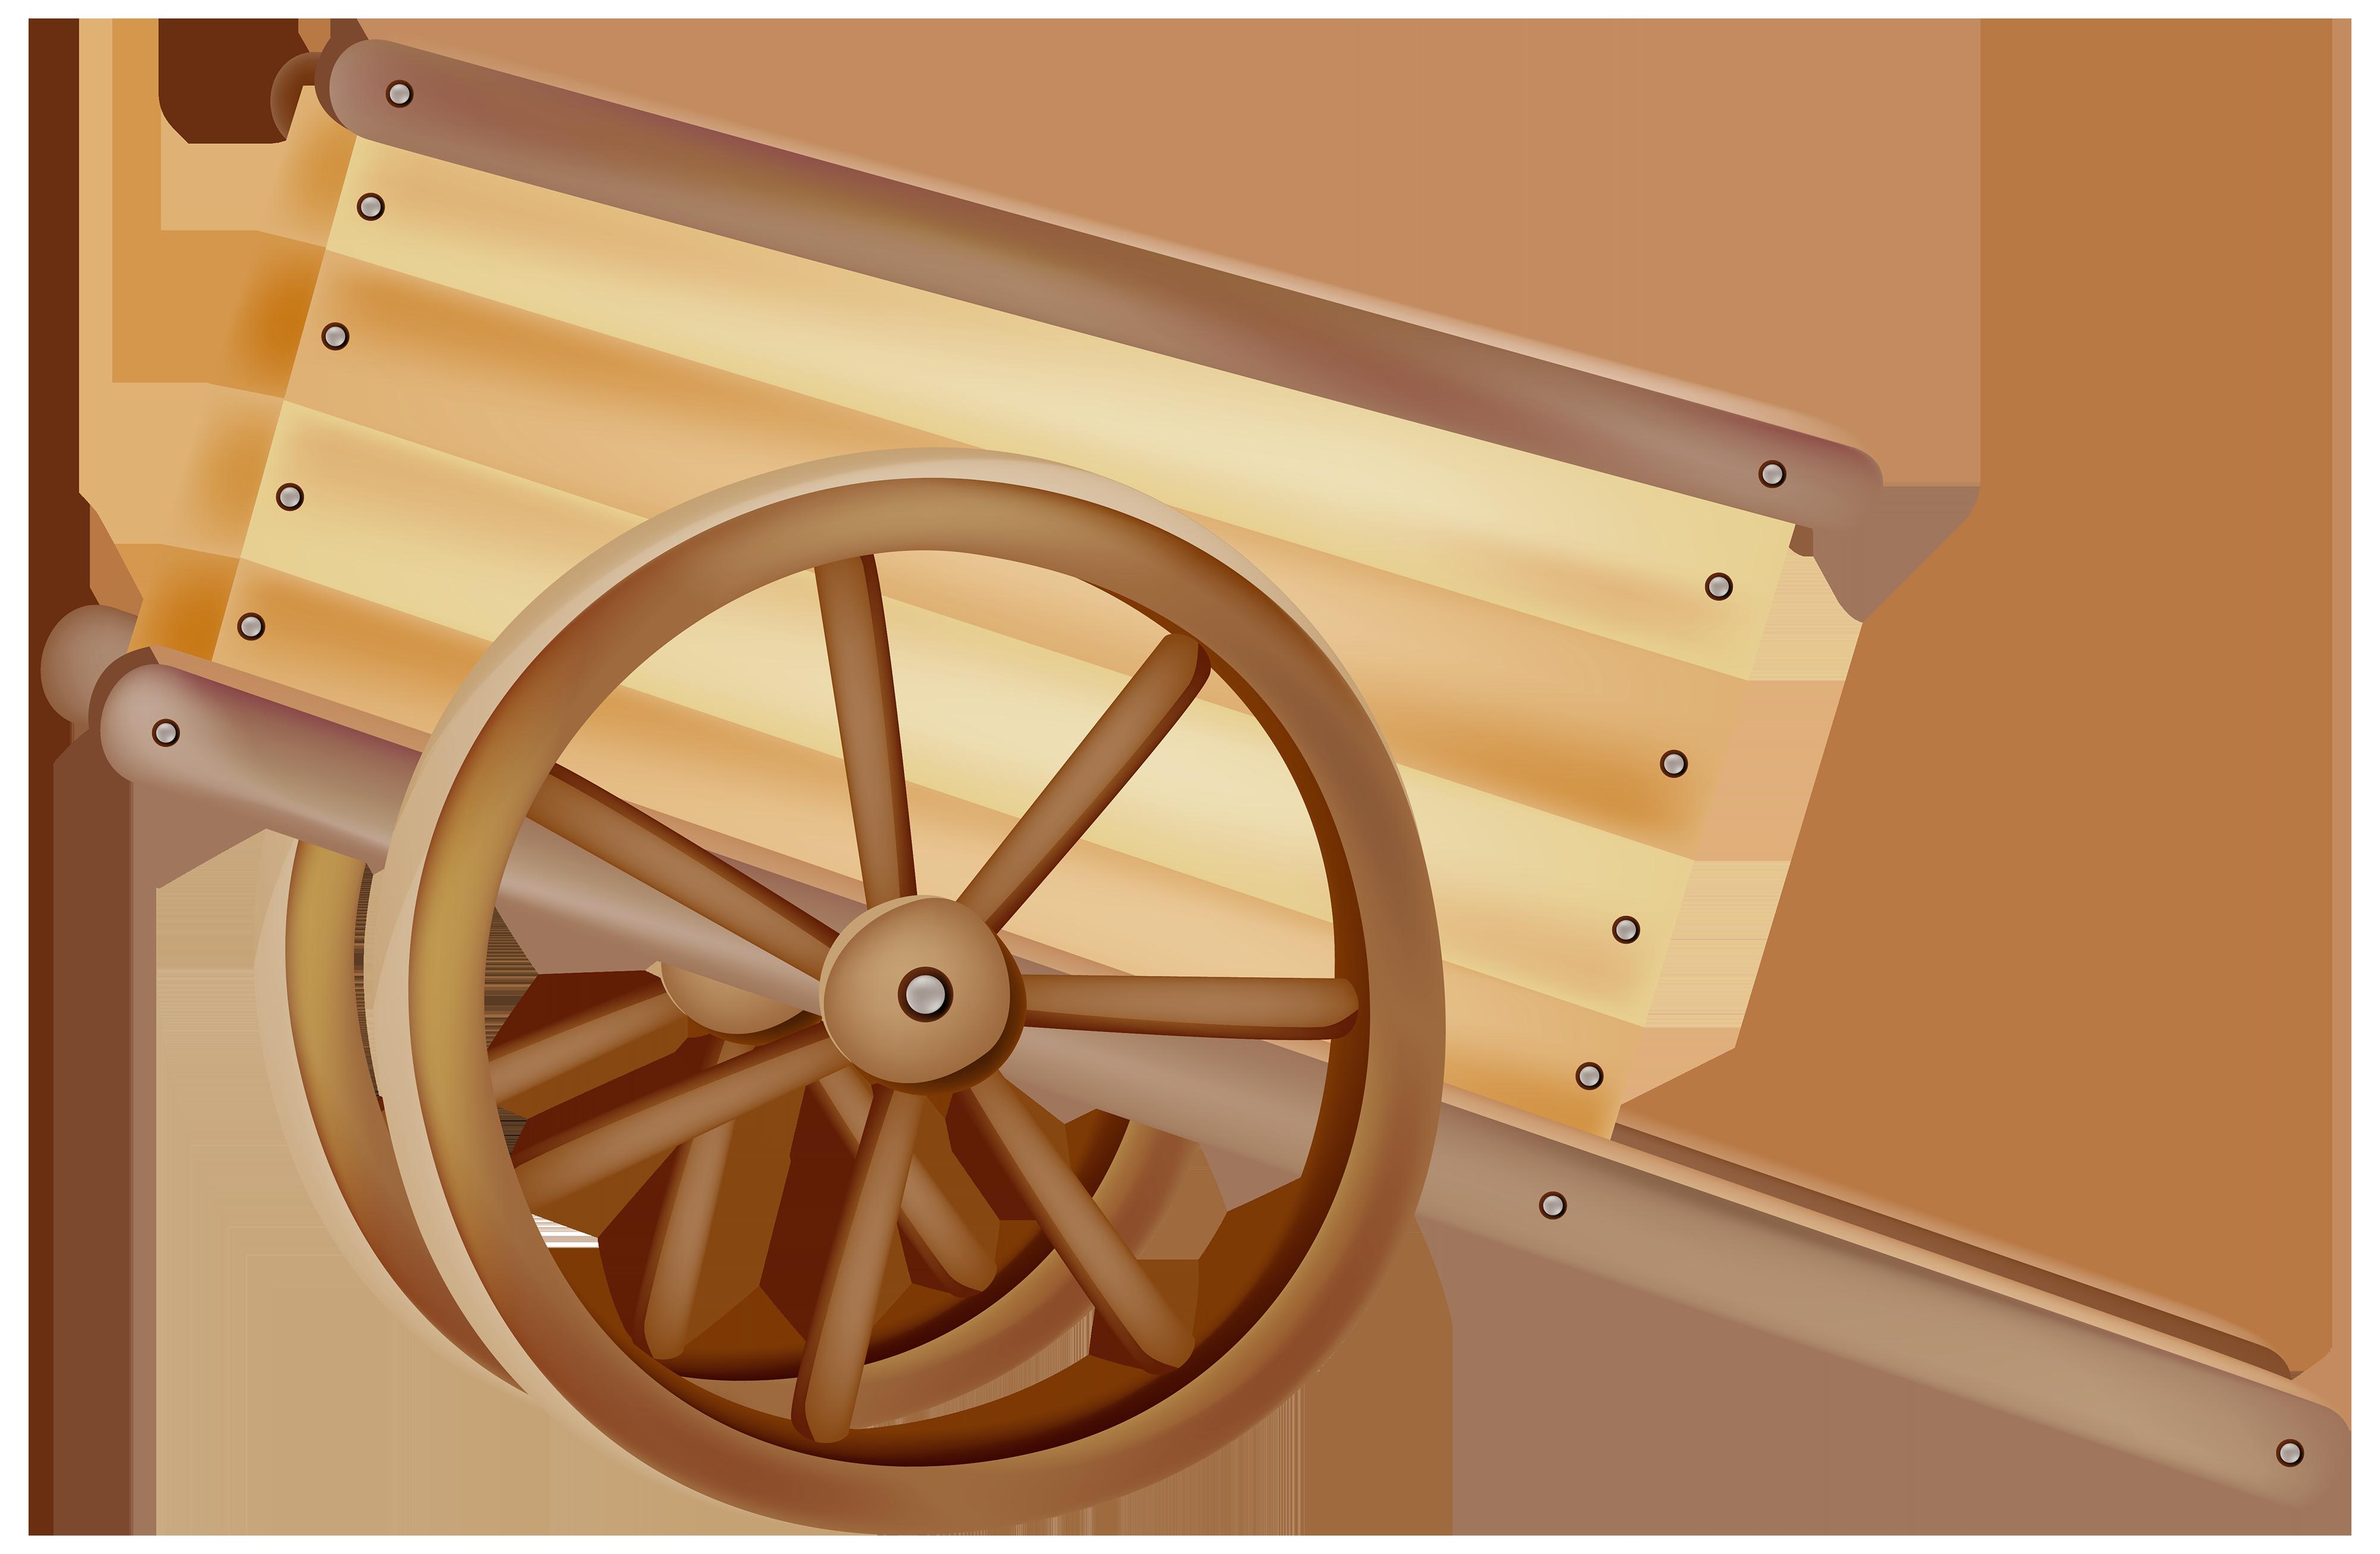 Wheel clipart wooden wheel. Wheelbarrow png best web